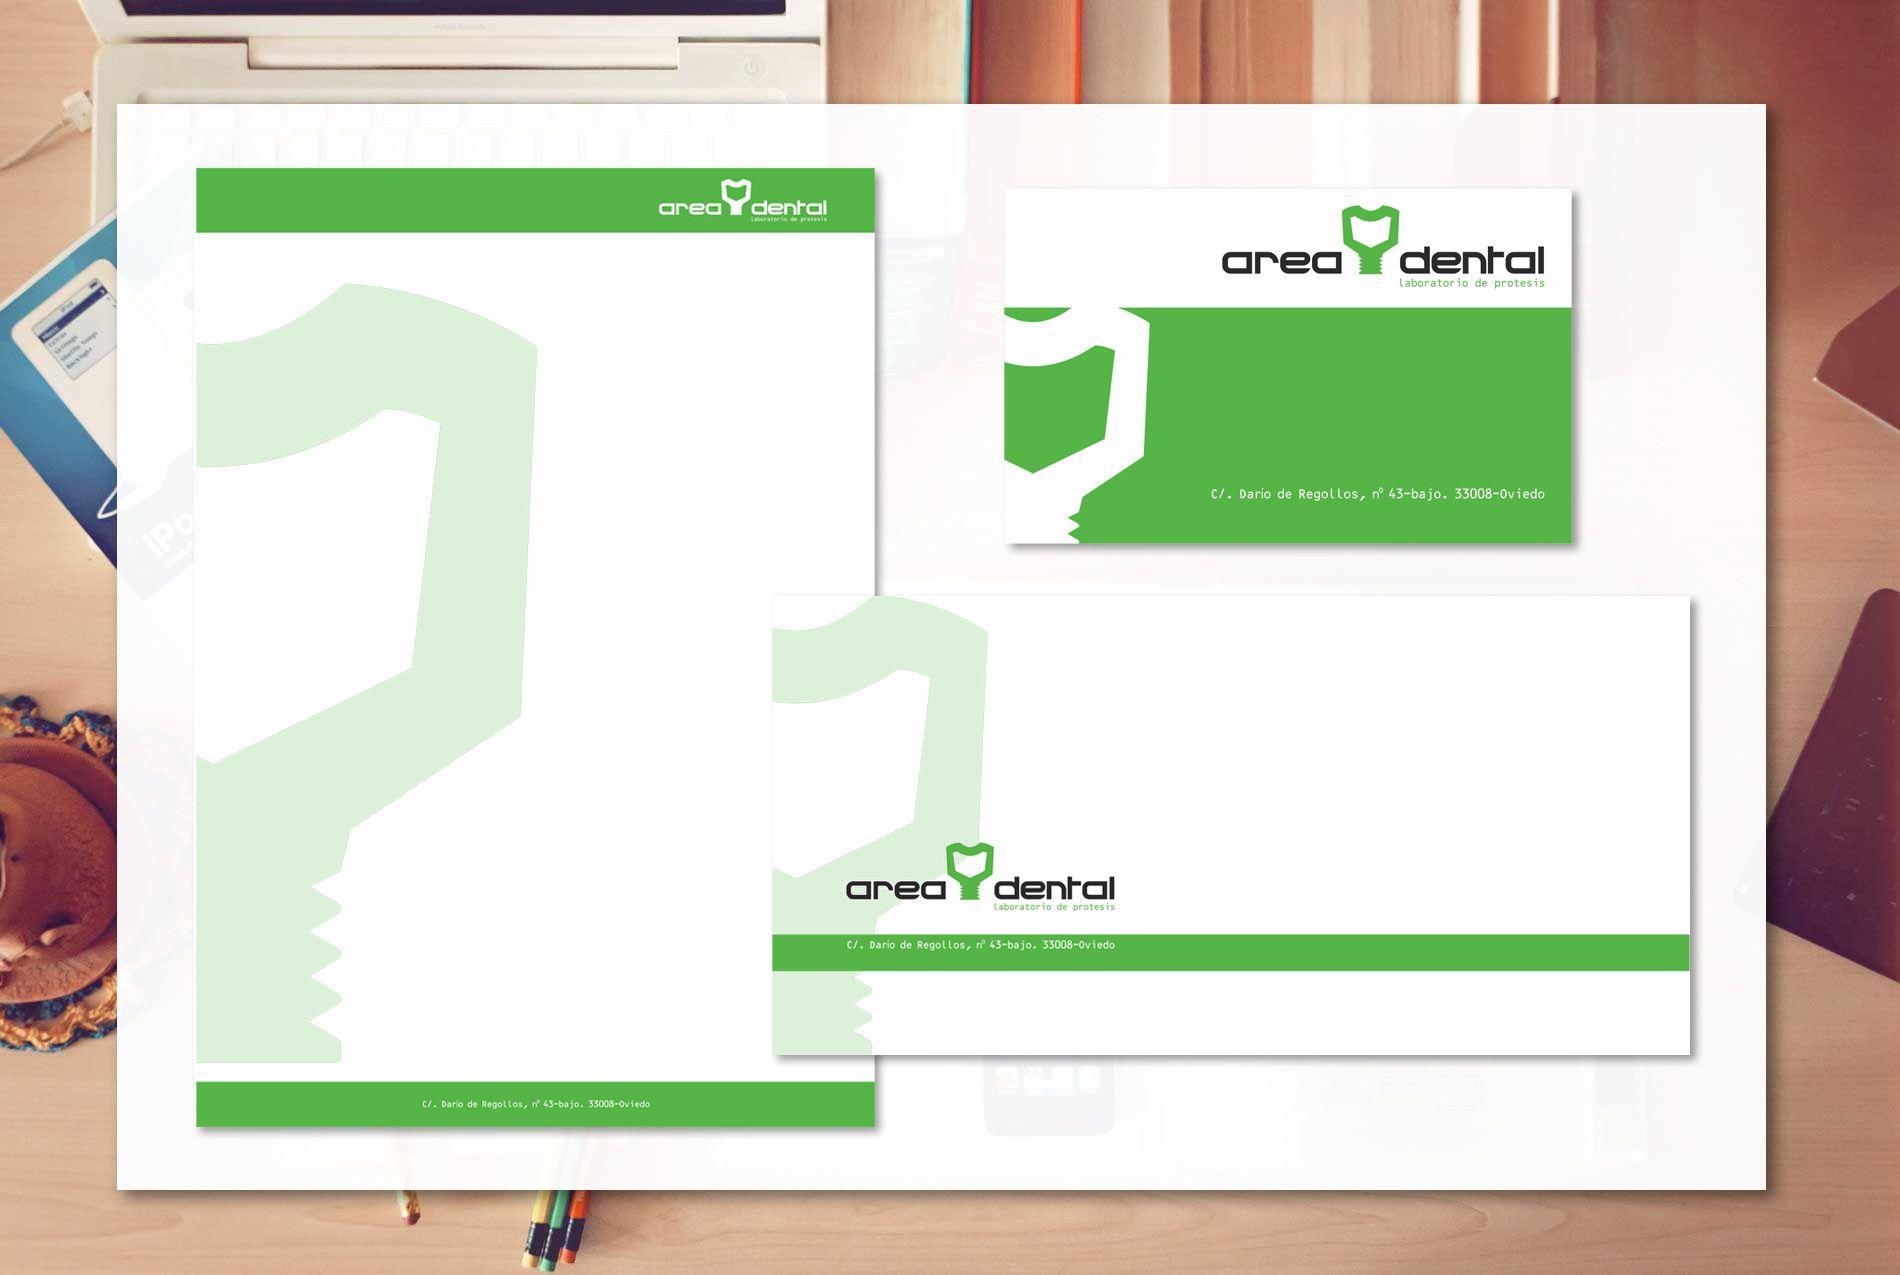 Aplicación de logotipo en papelería y tarjeta